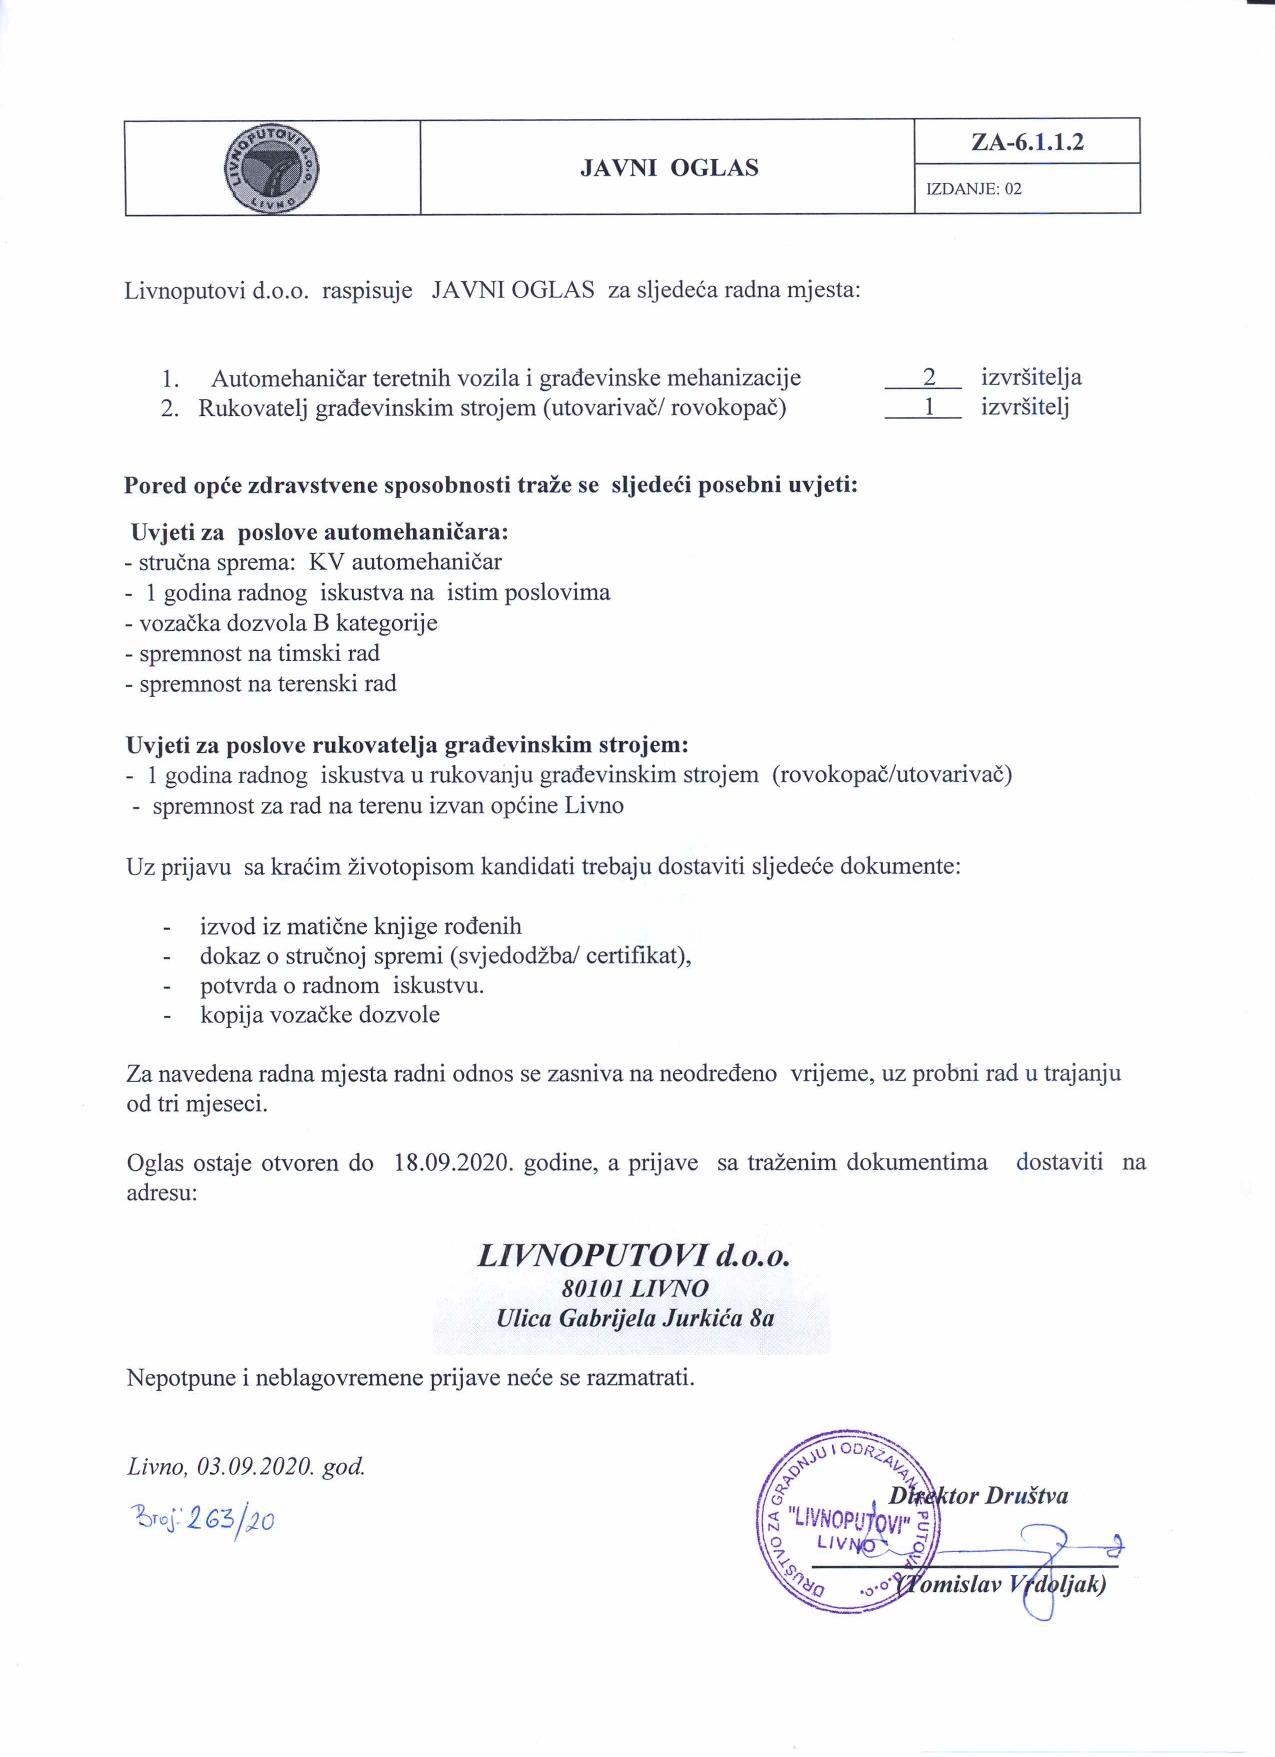 LIVNOPUTOVI d.o.o - natječaj za više radnih mjesta